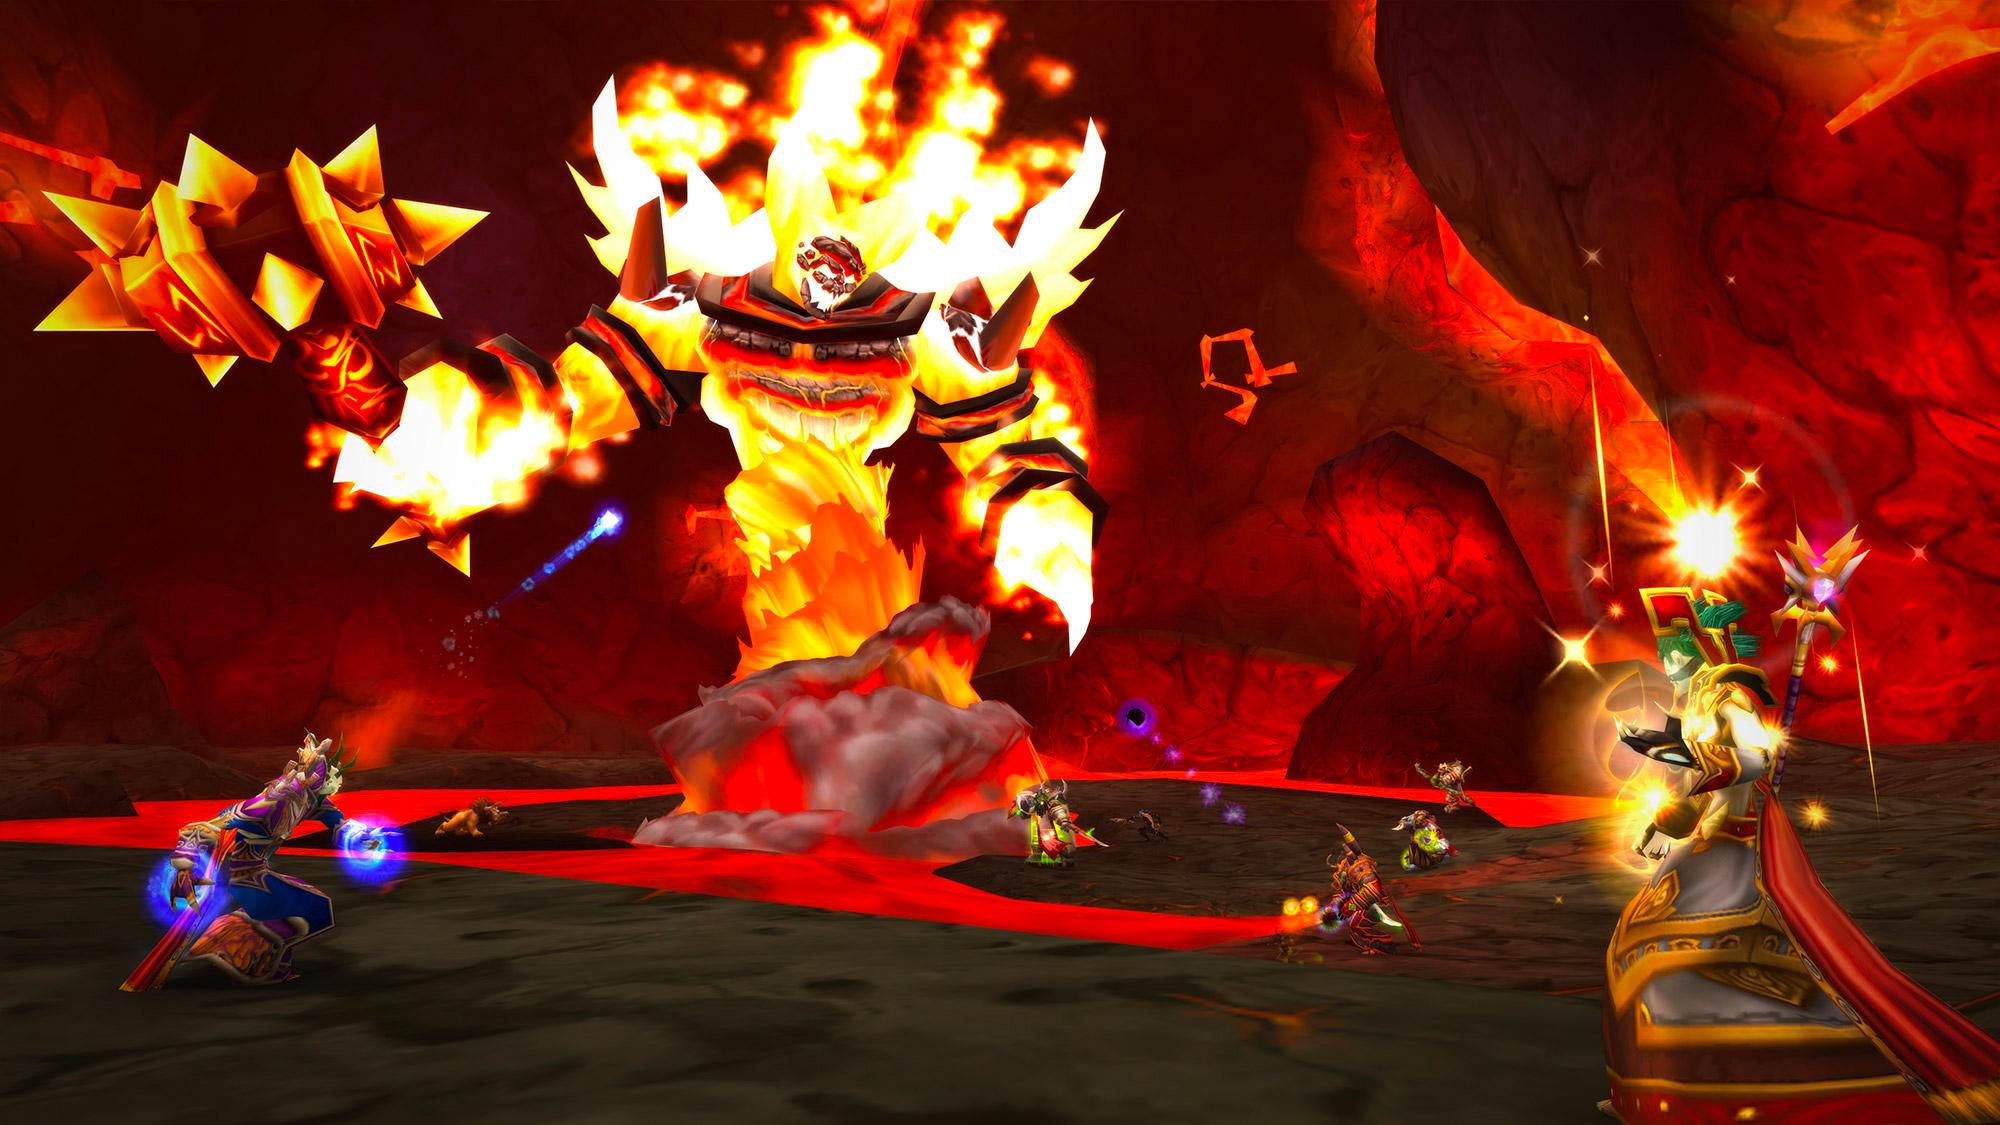 La communauté a poussé Blizzard à développer WoW Classic